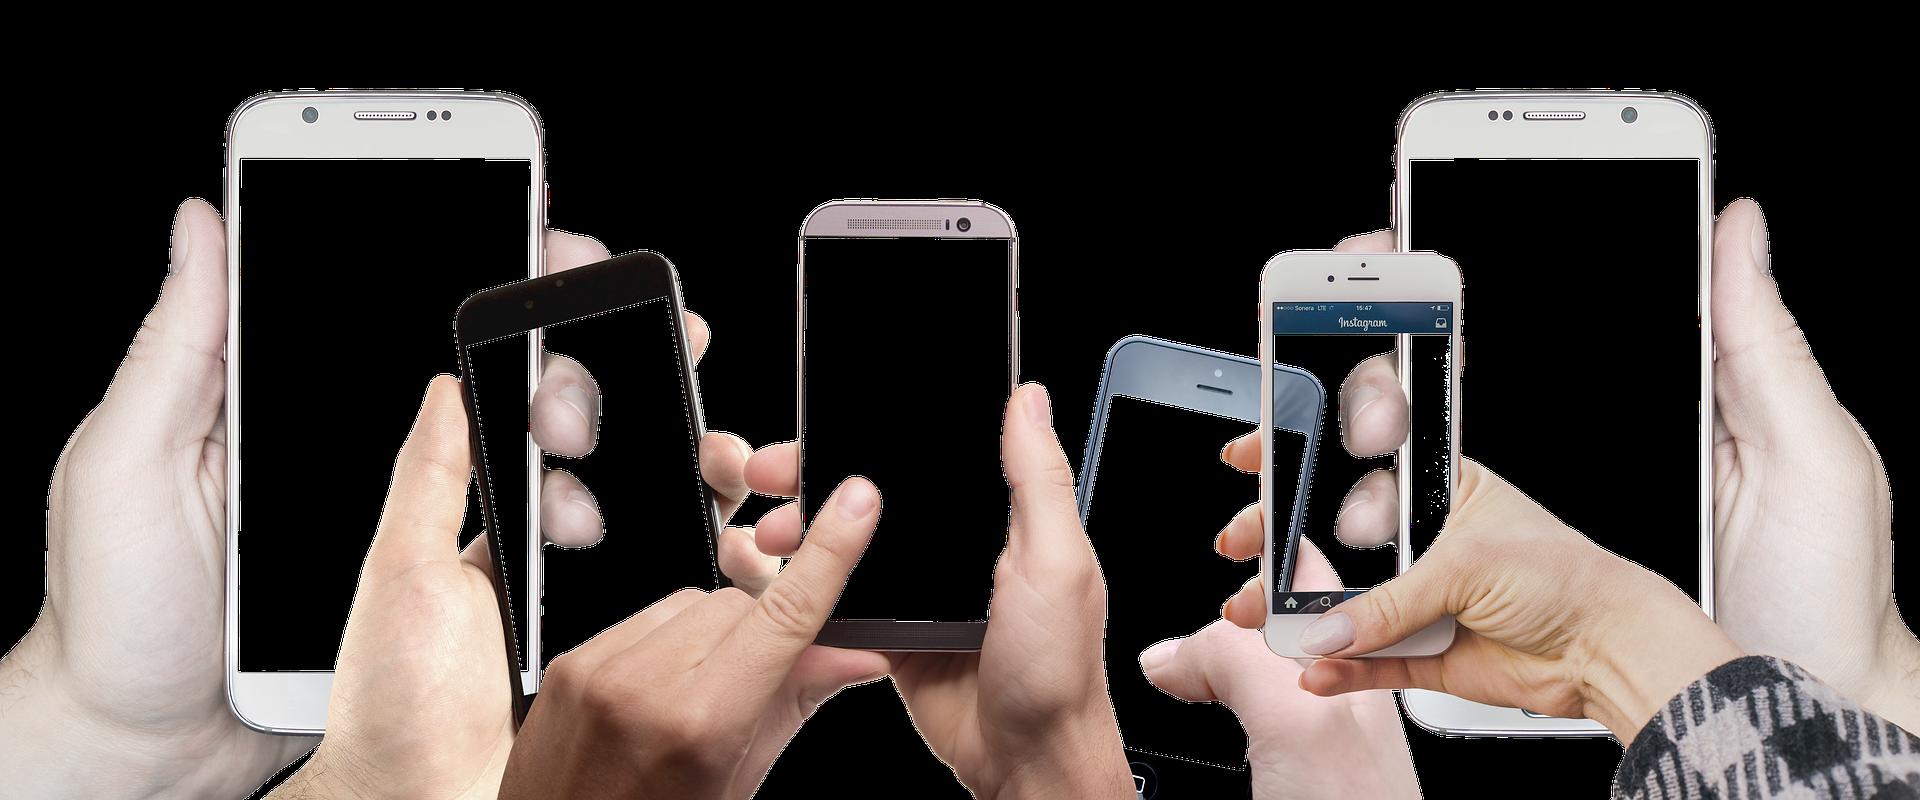 smartphones 120 800